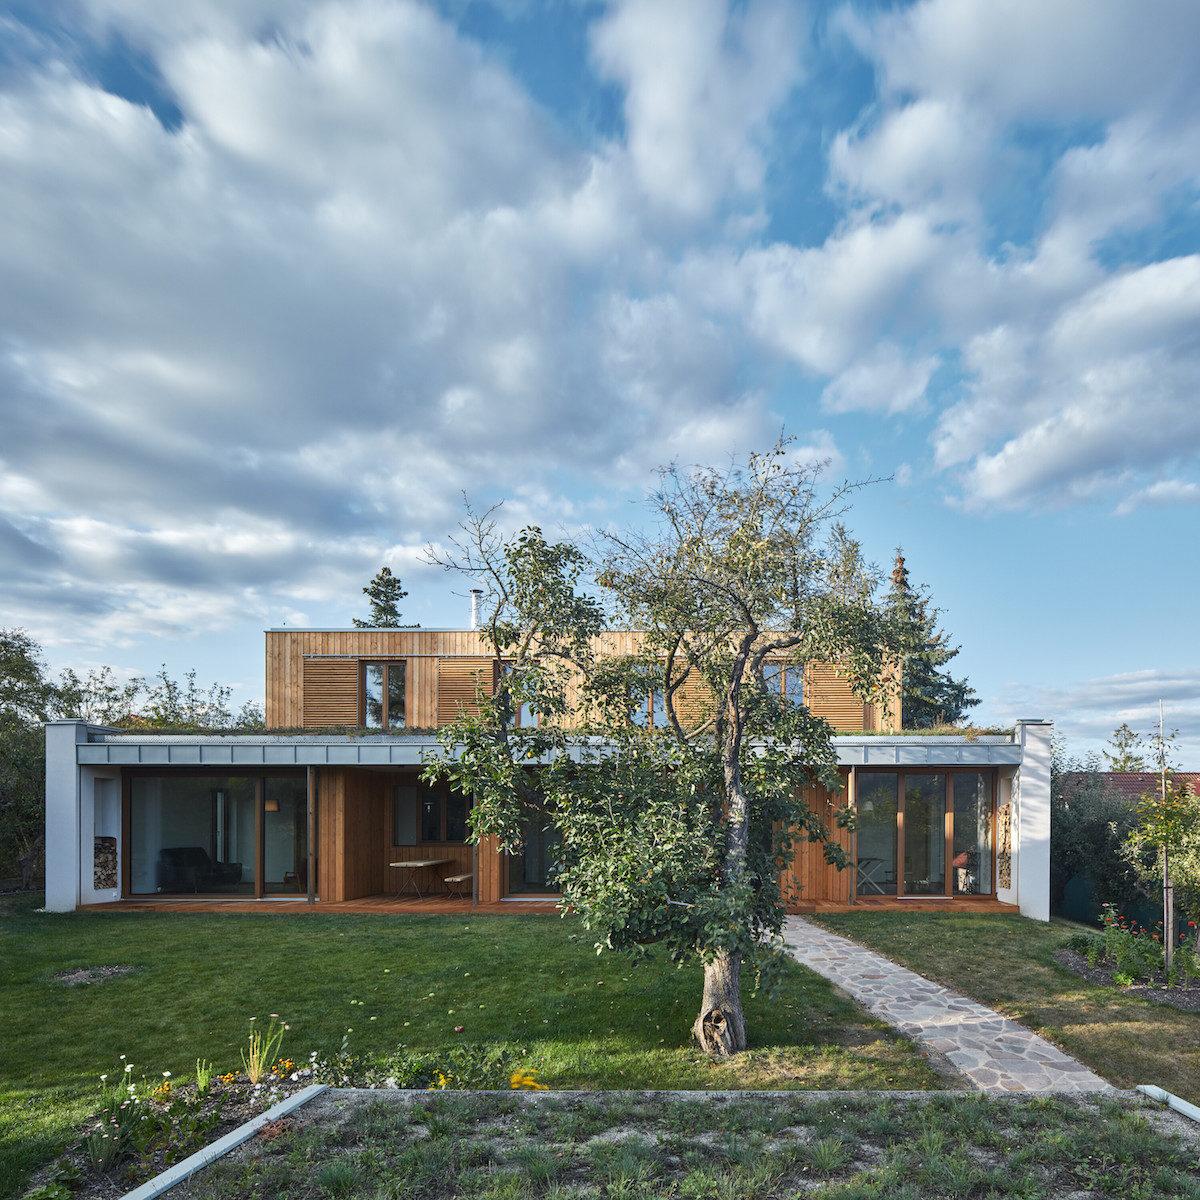 Umístění domu vcentru zahrady